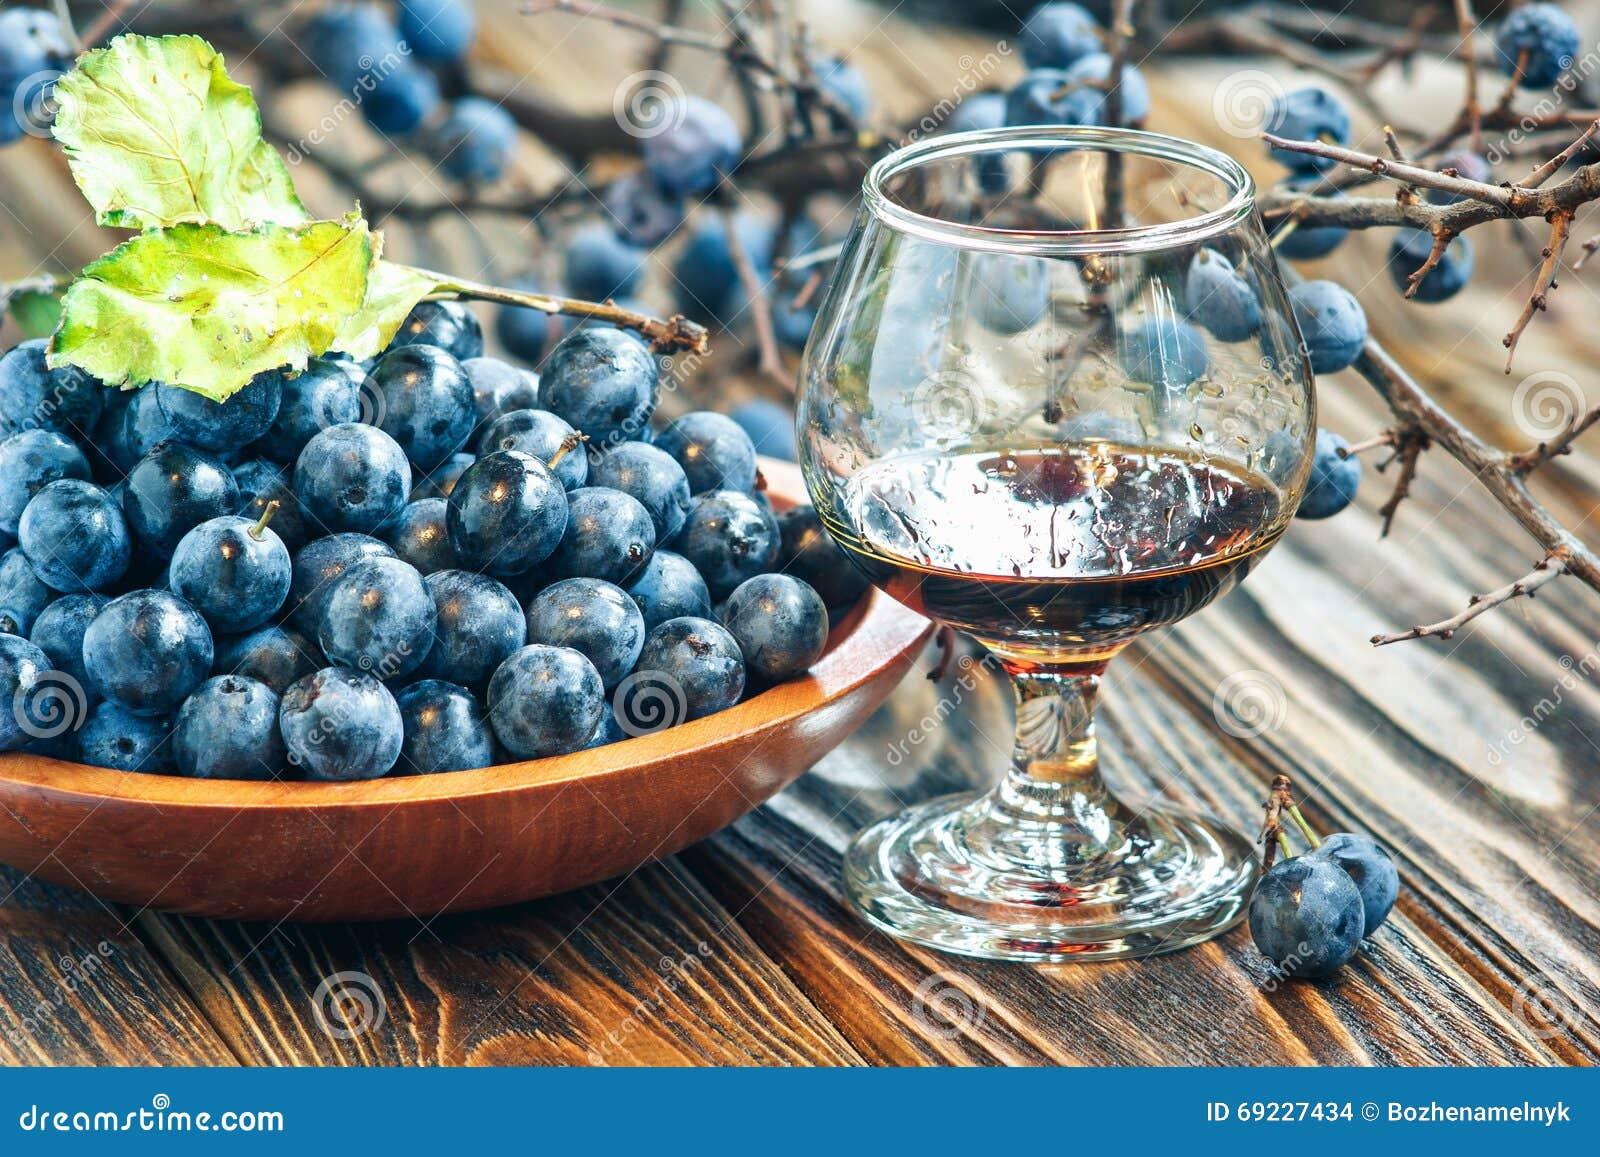 Genièvre de prunellier Verre de liquide brun-rougeâtre doux léger fait maison de prunellier liqueur ou vin au parfum de prunellie